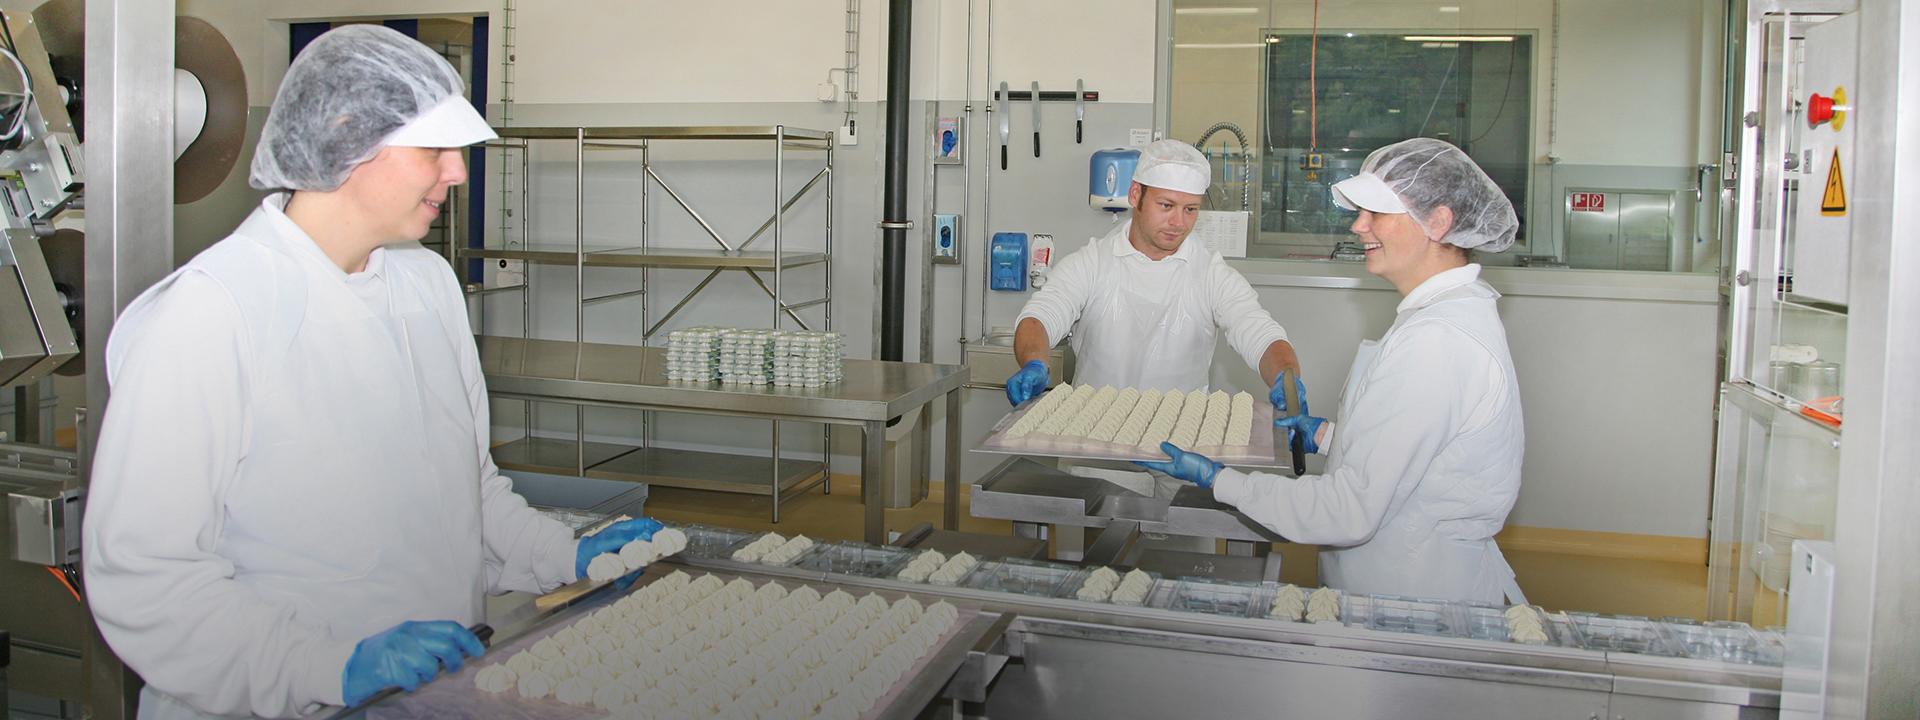 IE Food - Projekte nach Hygiene- und Energieeffizienzvorgaben